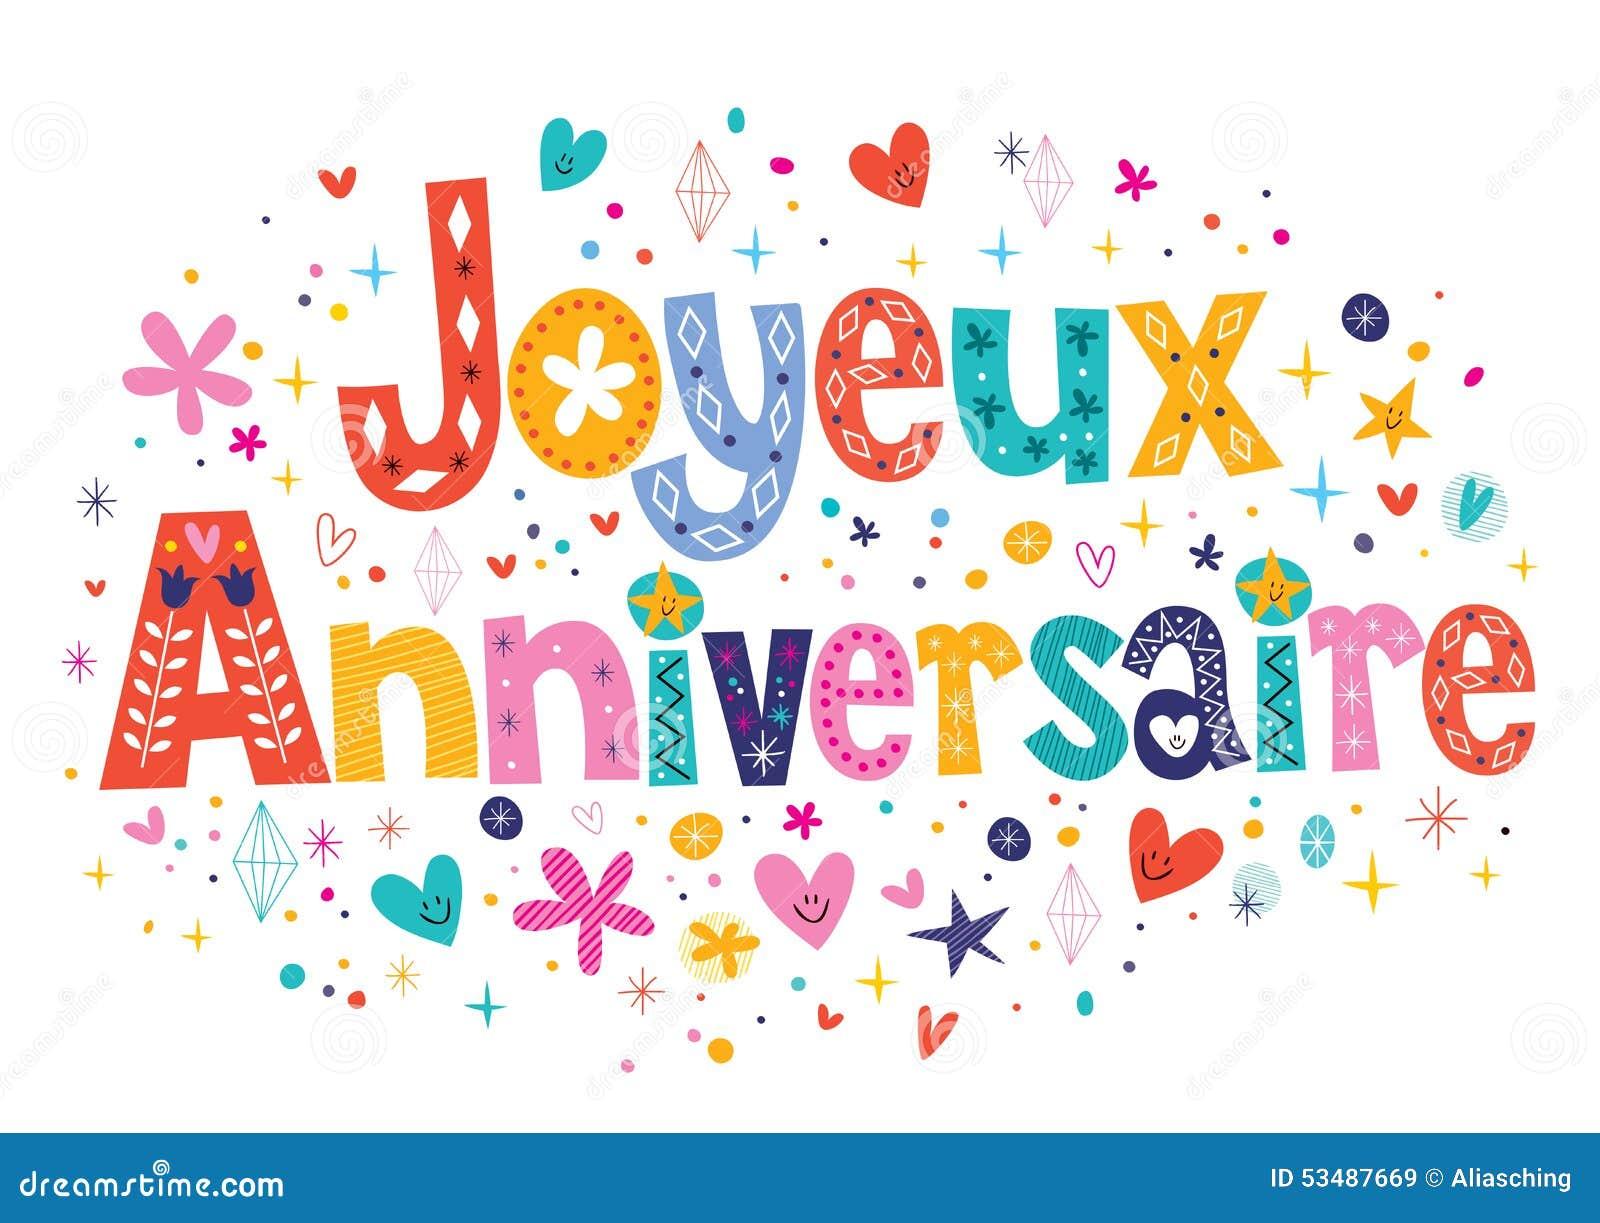 Buon Compleanno Da Stampare Disegni Colorare Imagixs Cake on Pinterest ...